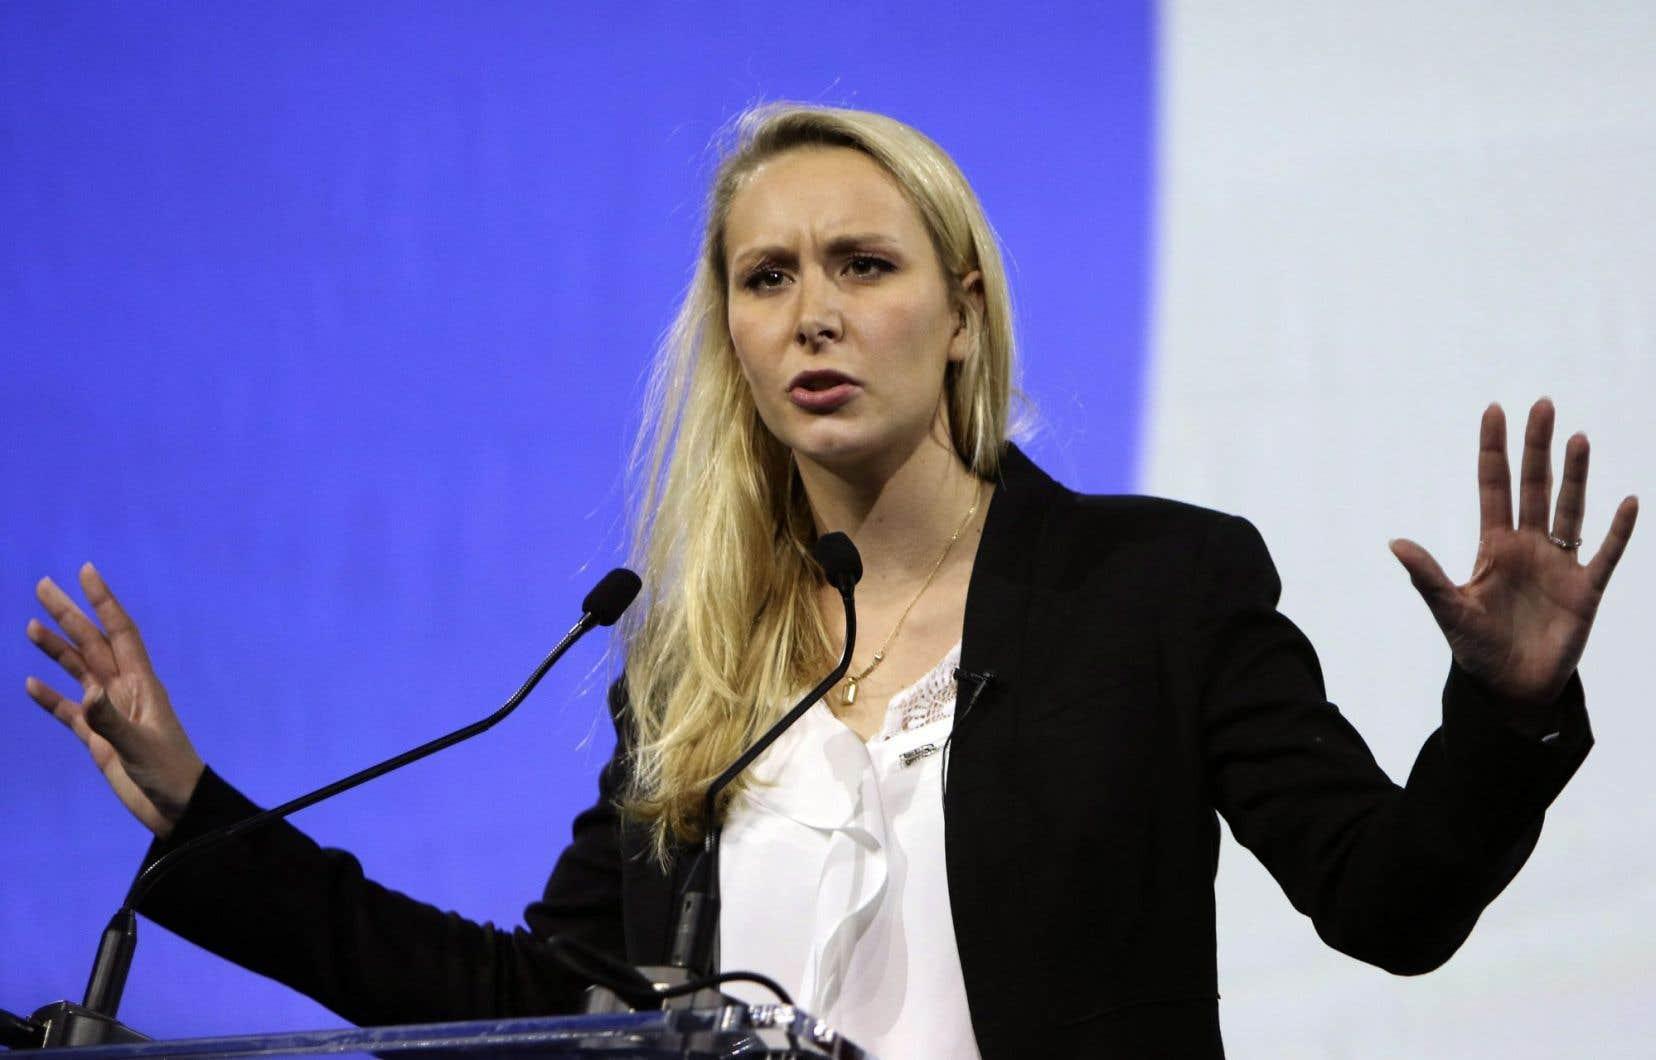 Le retrait de la vie politique de Marion Maréchal-Le Pen confirme le dynamitage de la classe politique française.